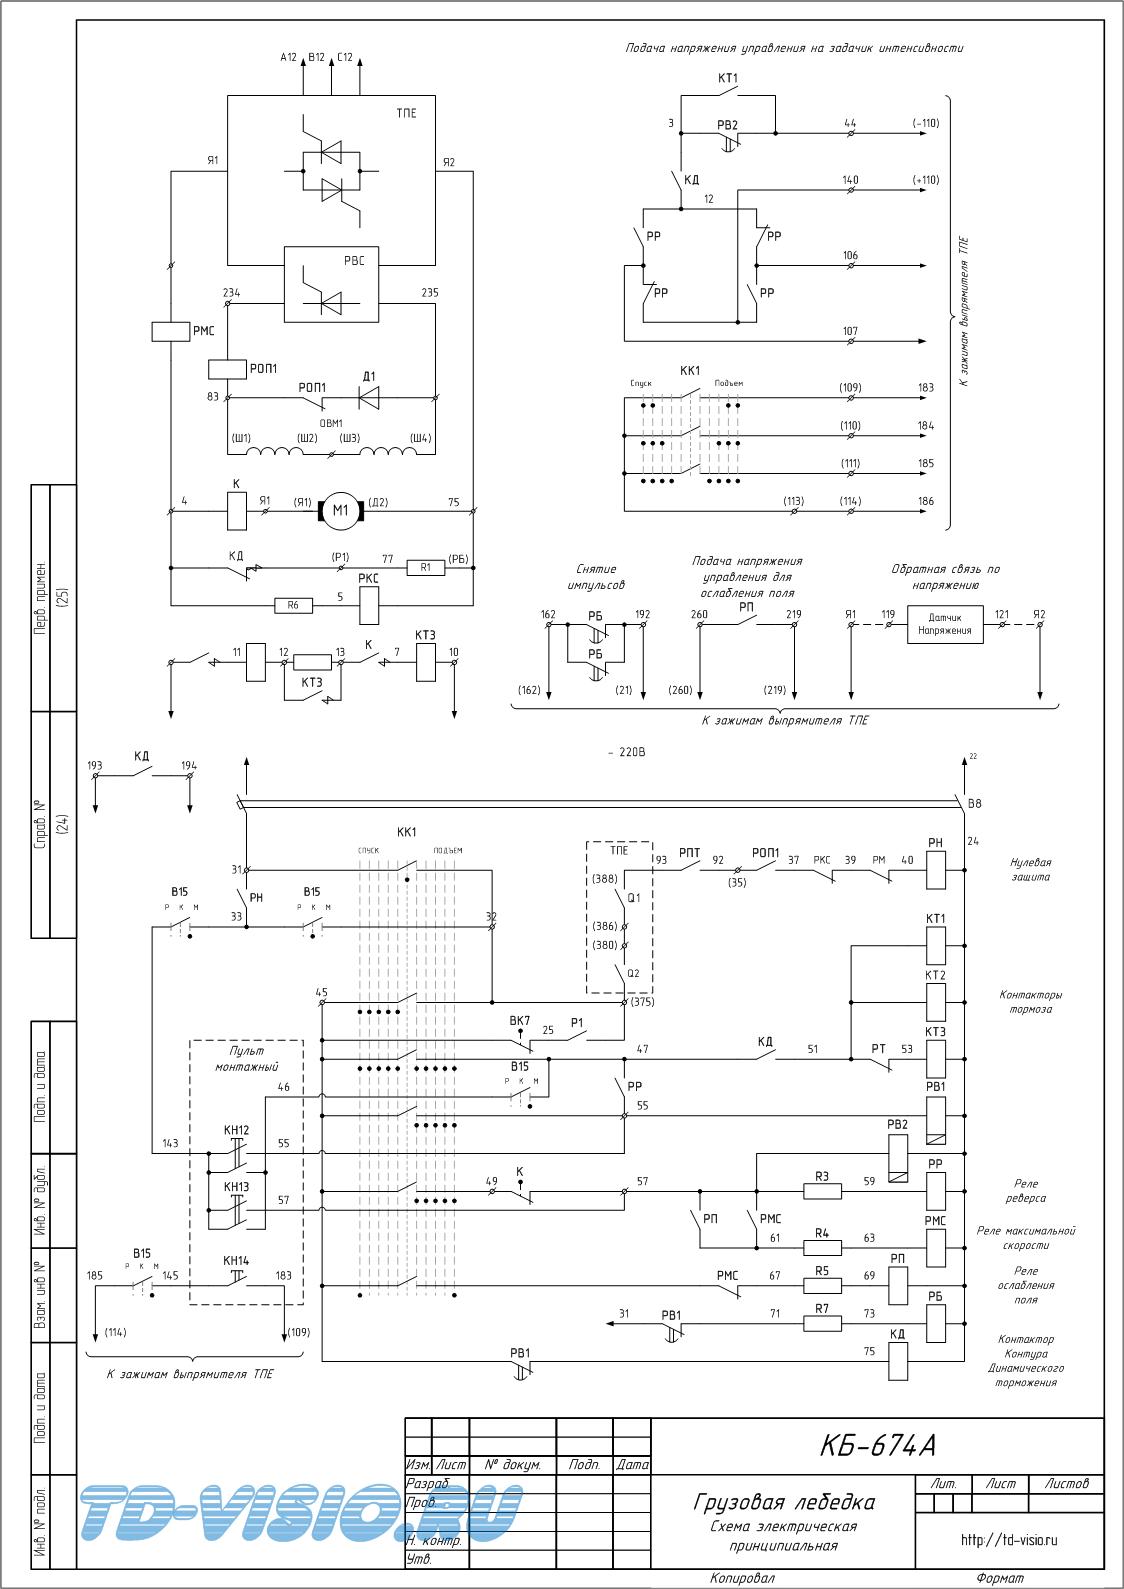 crfxfnm принципиальная схема splan